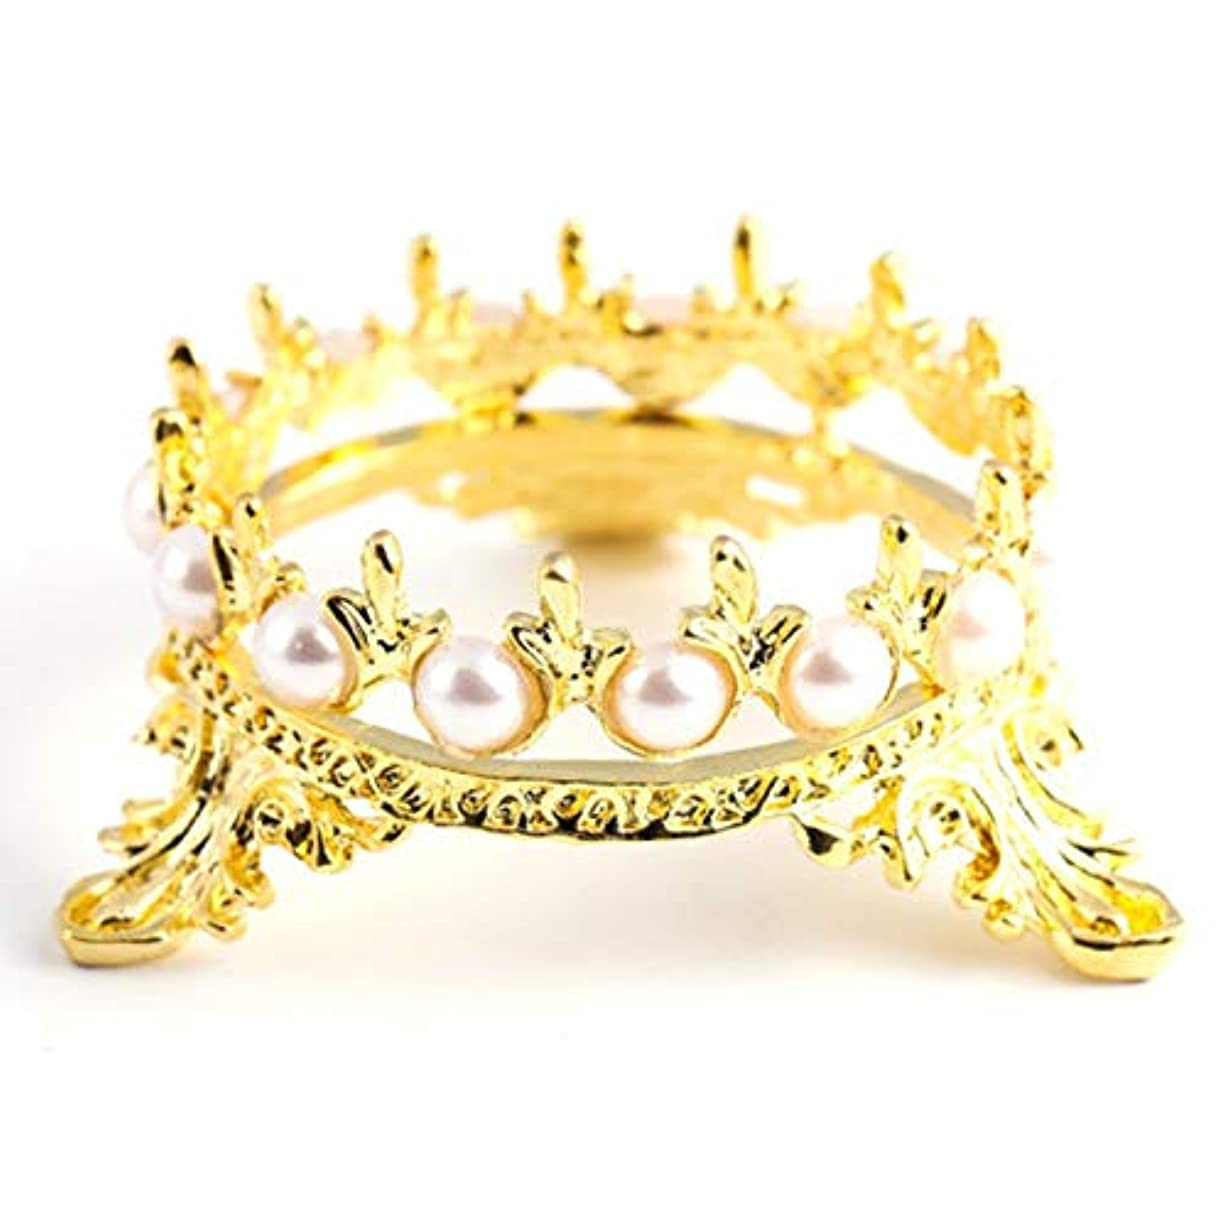 文庫本適応隔離するYoshilimen 特別1 xクラウンスタンドペンブラシホルダーパールネイルアートペンラックマニキュアネイルアートツール必需品(None Golden Crown Penholder)